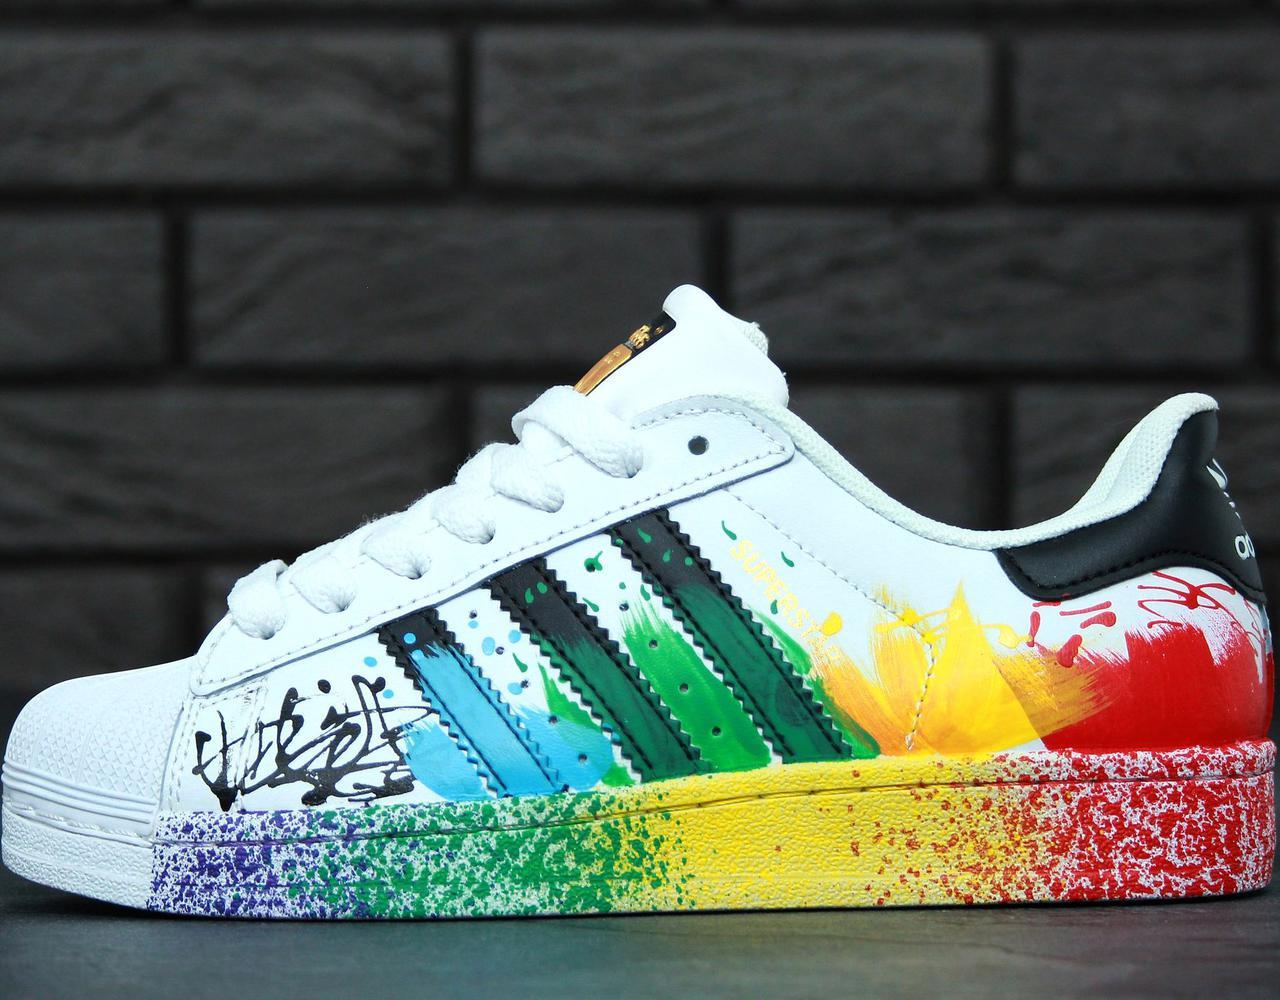 Женские кроссовки в стиле Adidas Superstar Rainbow Paint Splatter White -  Интернет-магазин обуви Bootlords 9f6ae77df715